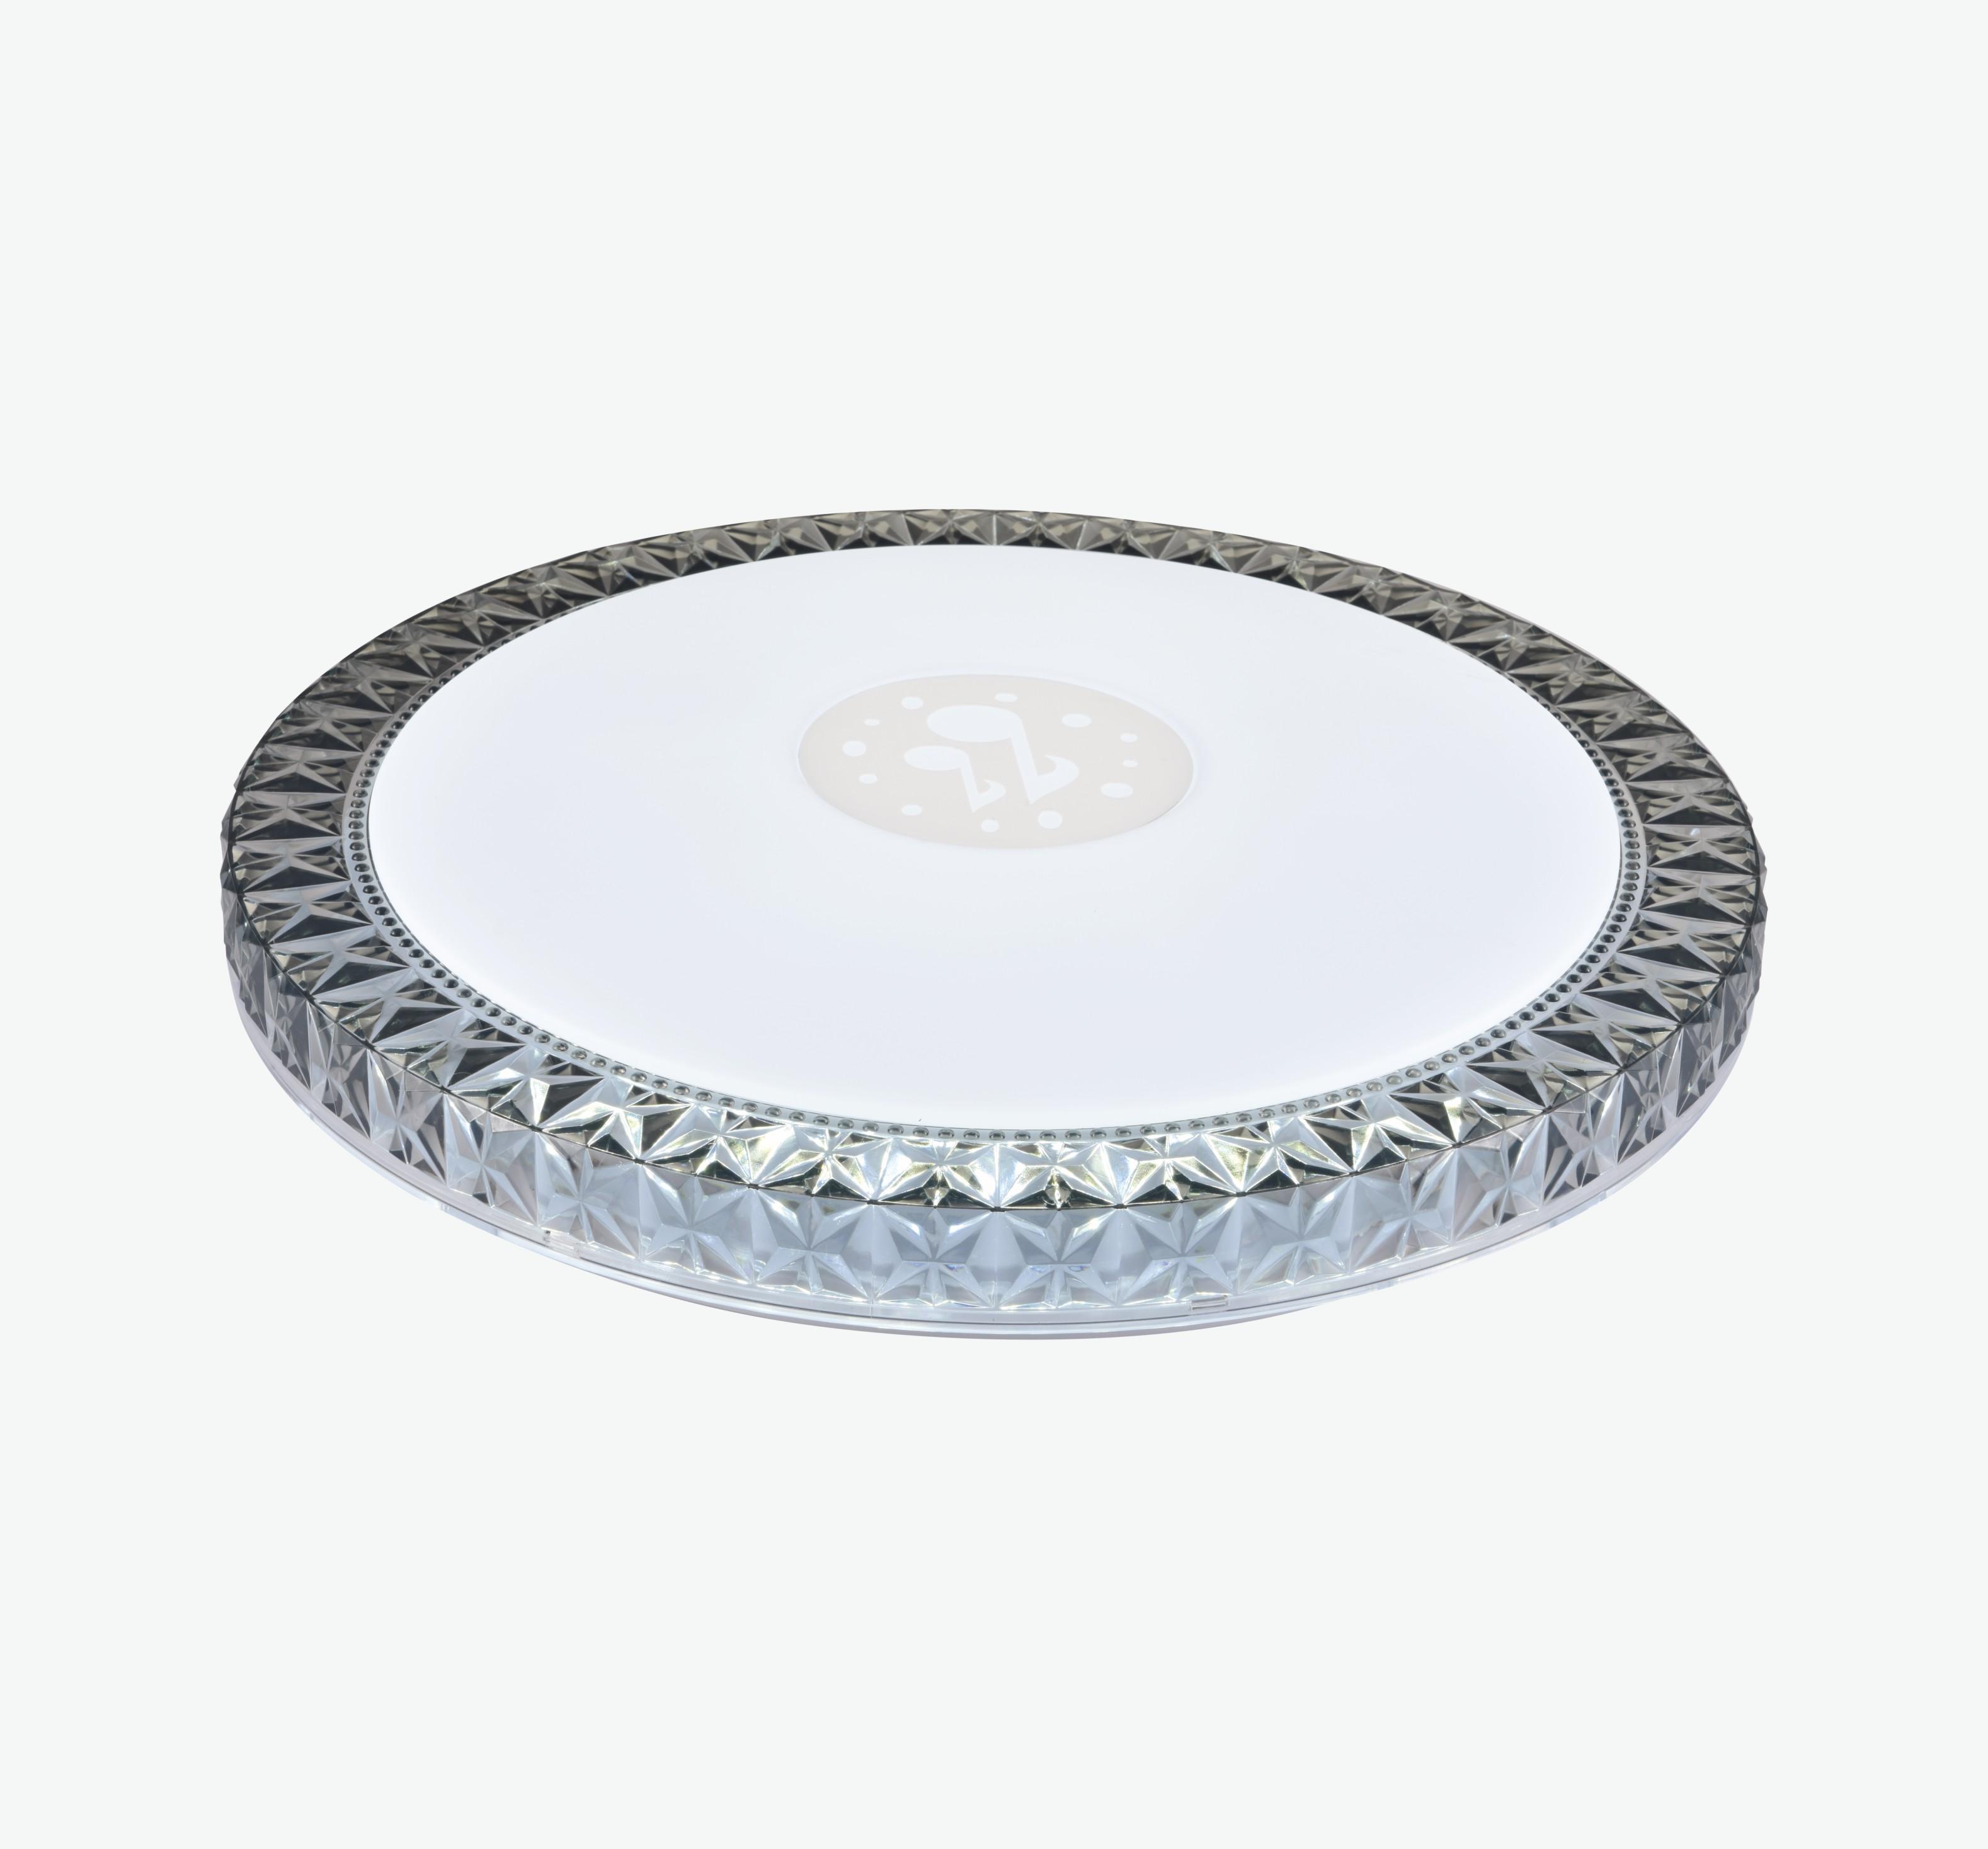 LED现代客厅圆形钻边外圈吸顶灯